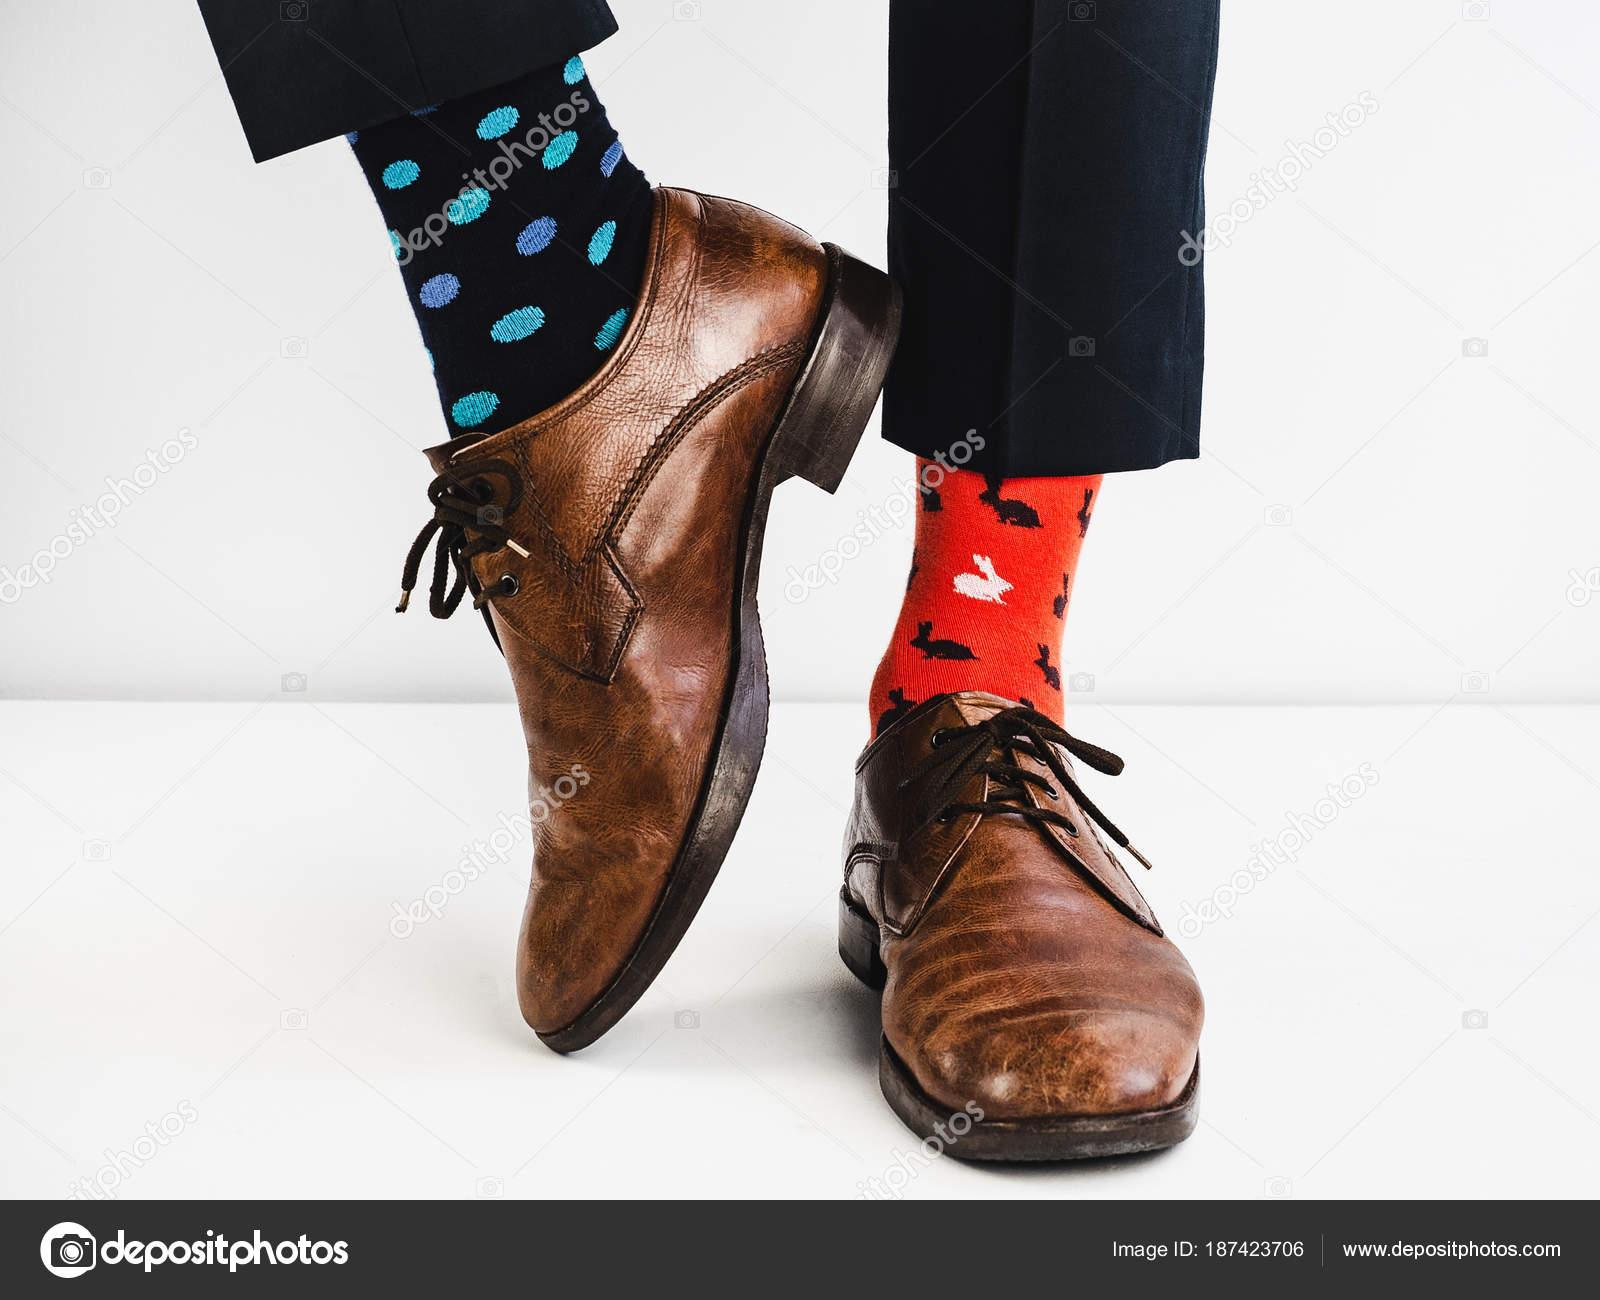 8d404d5a Gerente de oficina en zapatos elegantes, pantalón azul y medias brillantes  y coloridas sobre fondo blanco. Estilo de vida, moda, diversión — Foto de  ...